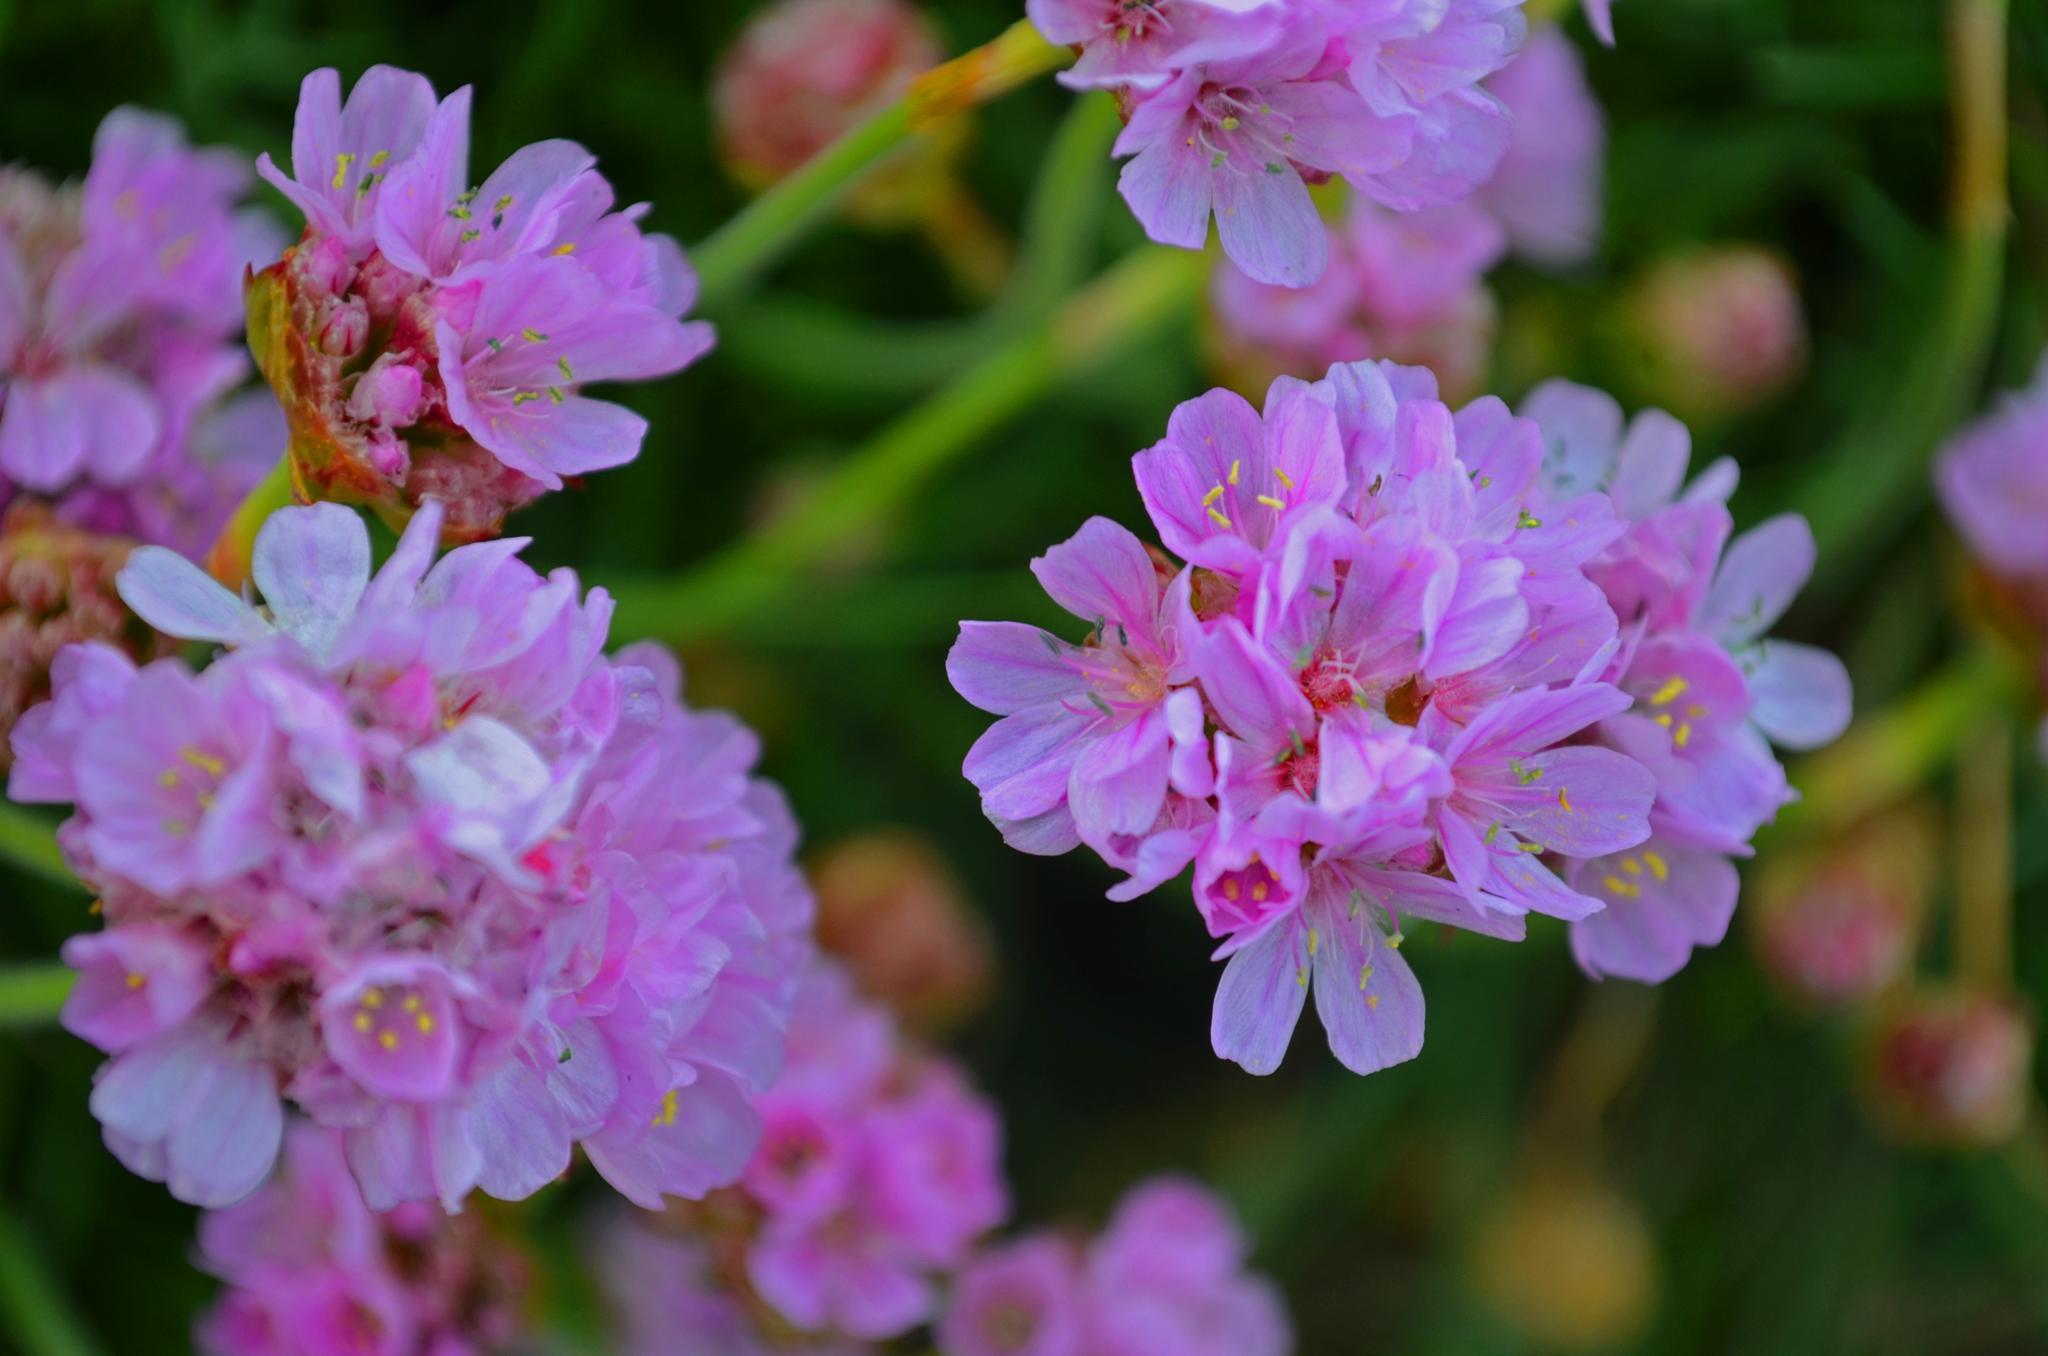 Purple flowers by Boonietunes